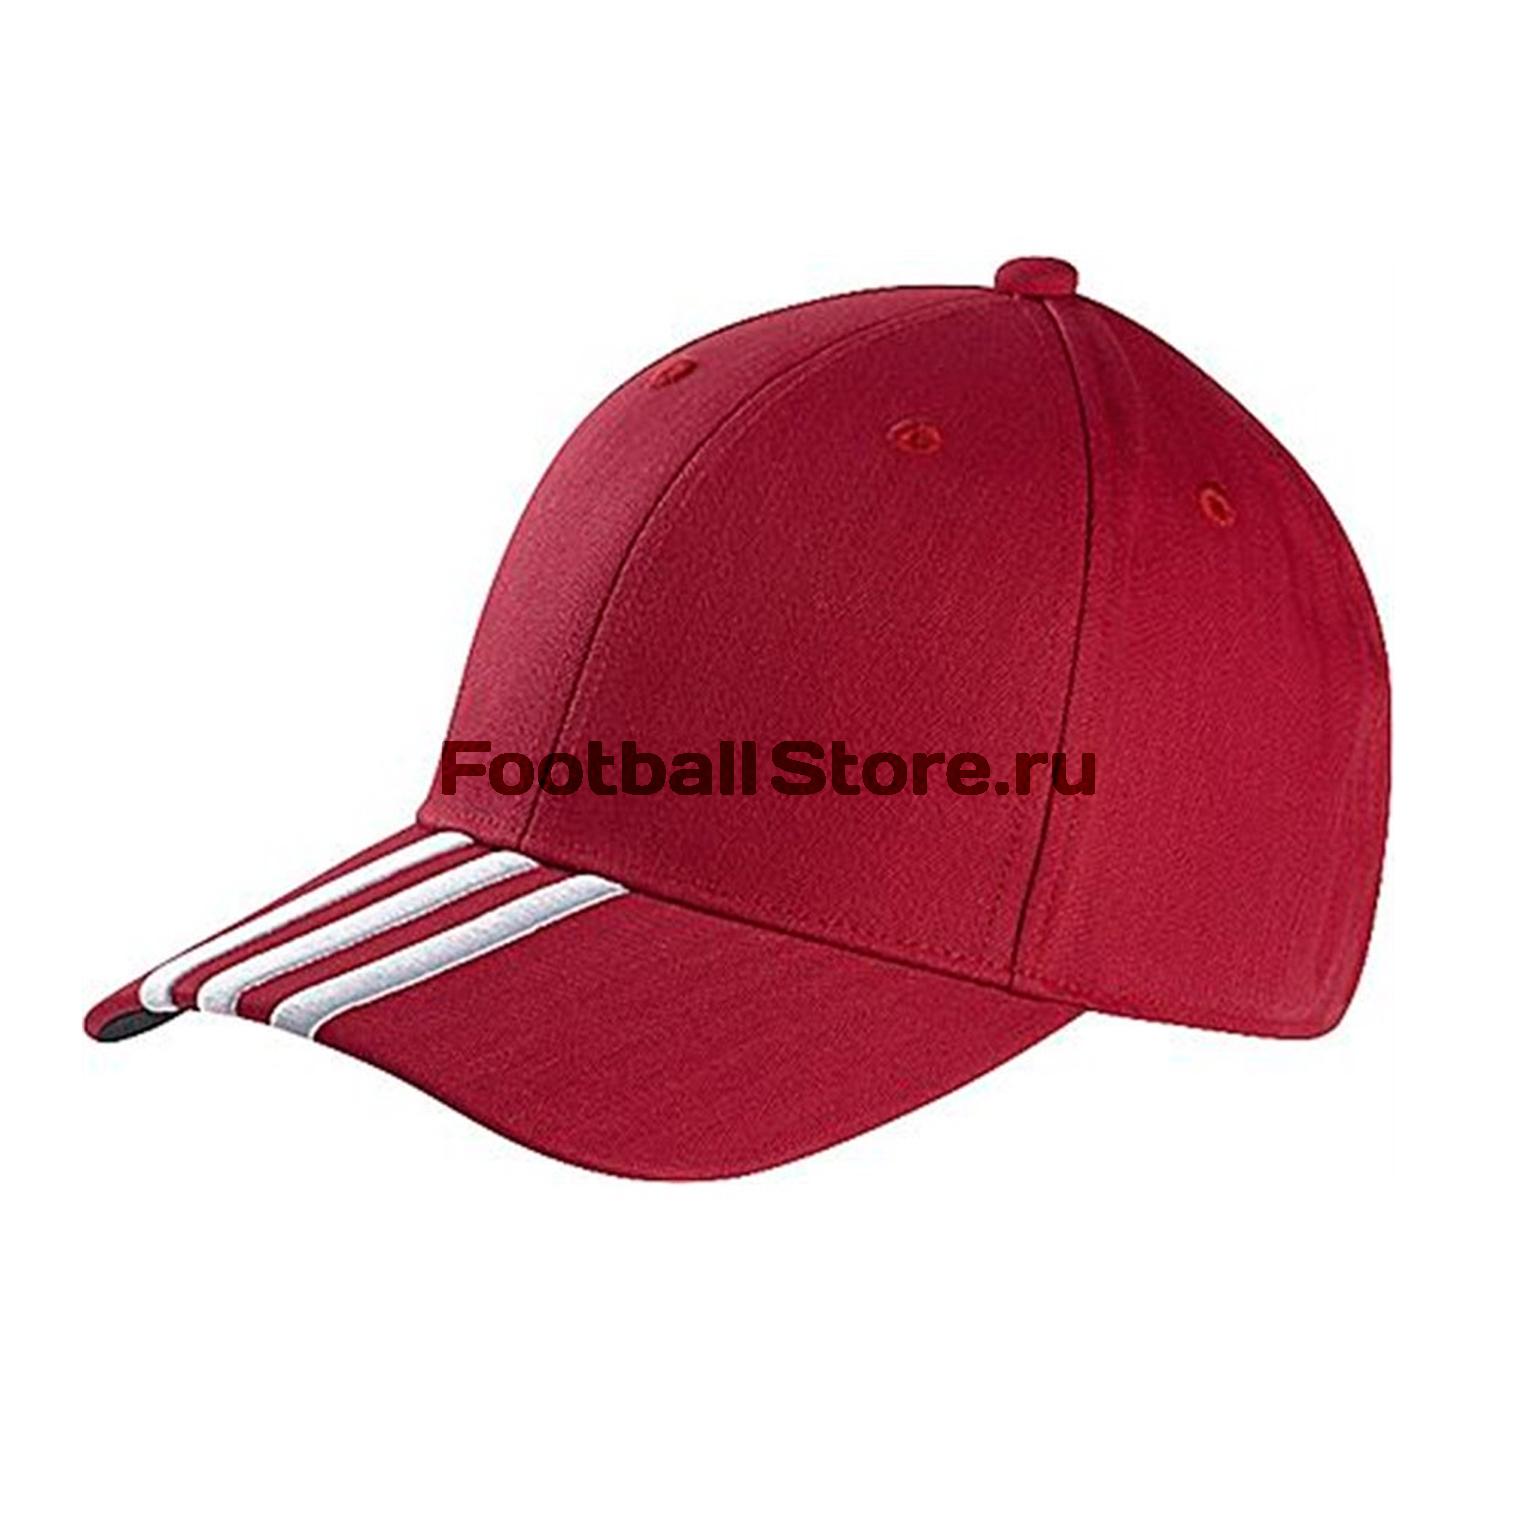 головные уборы gas Головные уборы Adidas Бейсболка Adidas Tiro Cap S13318